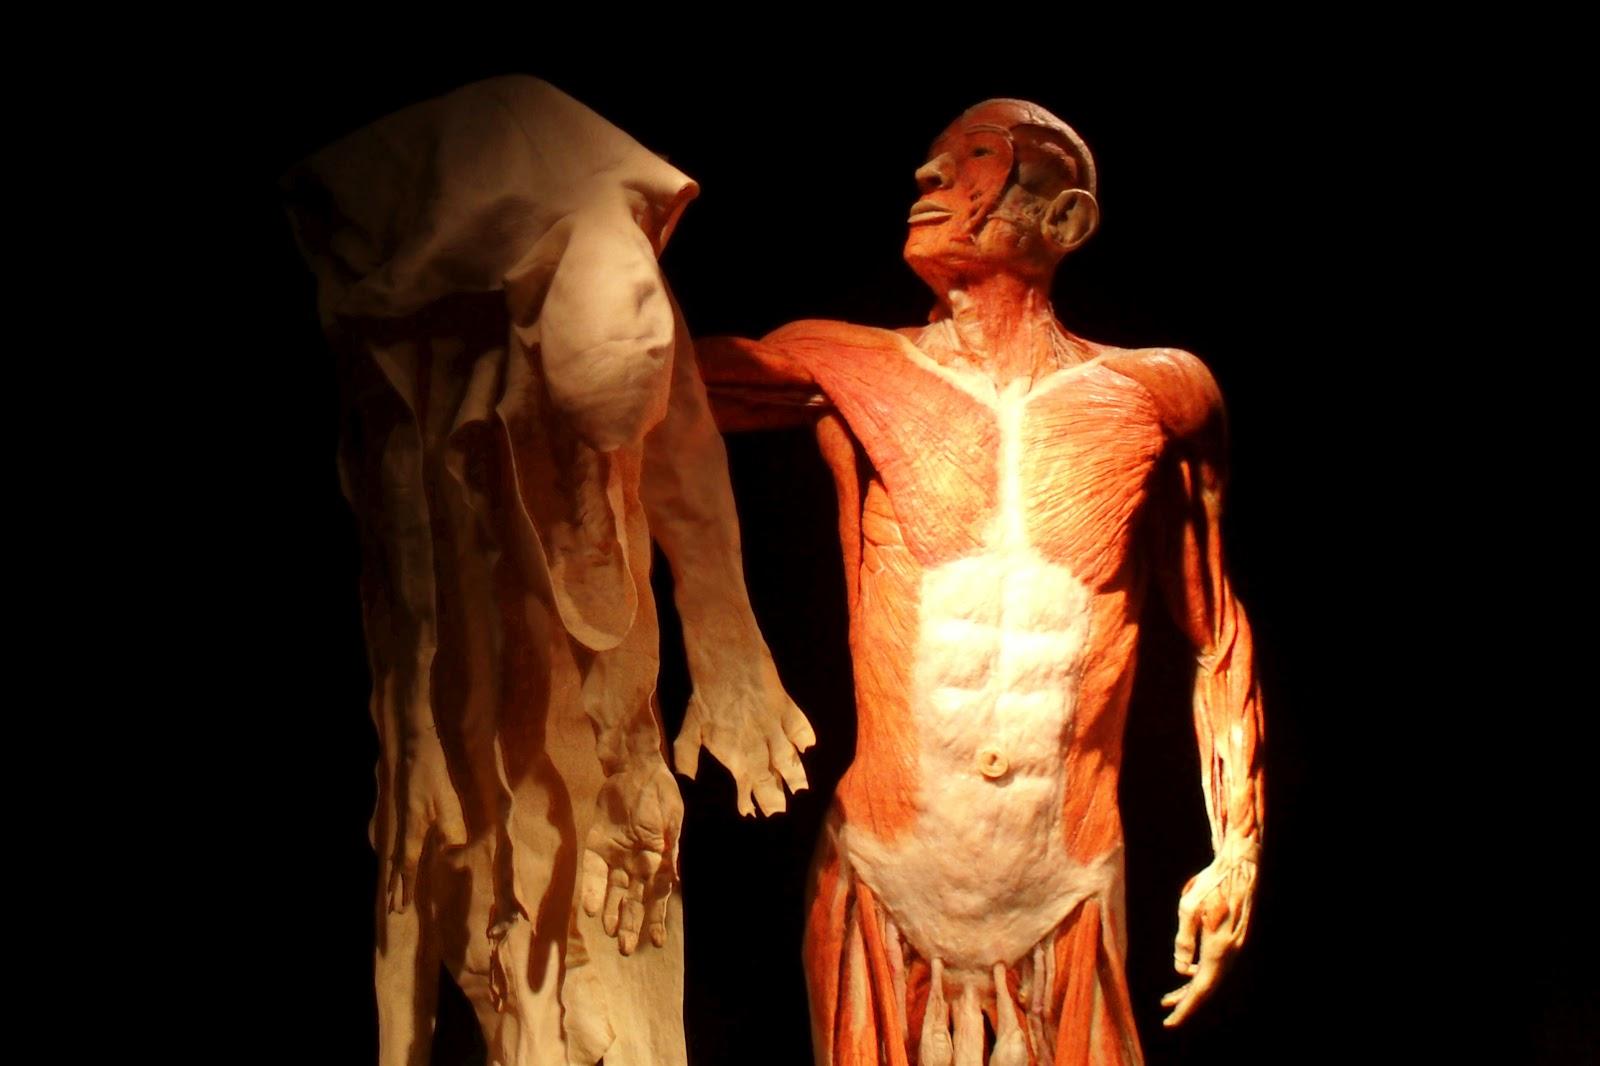 skin-is-an-organ